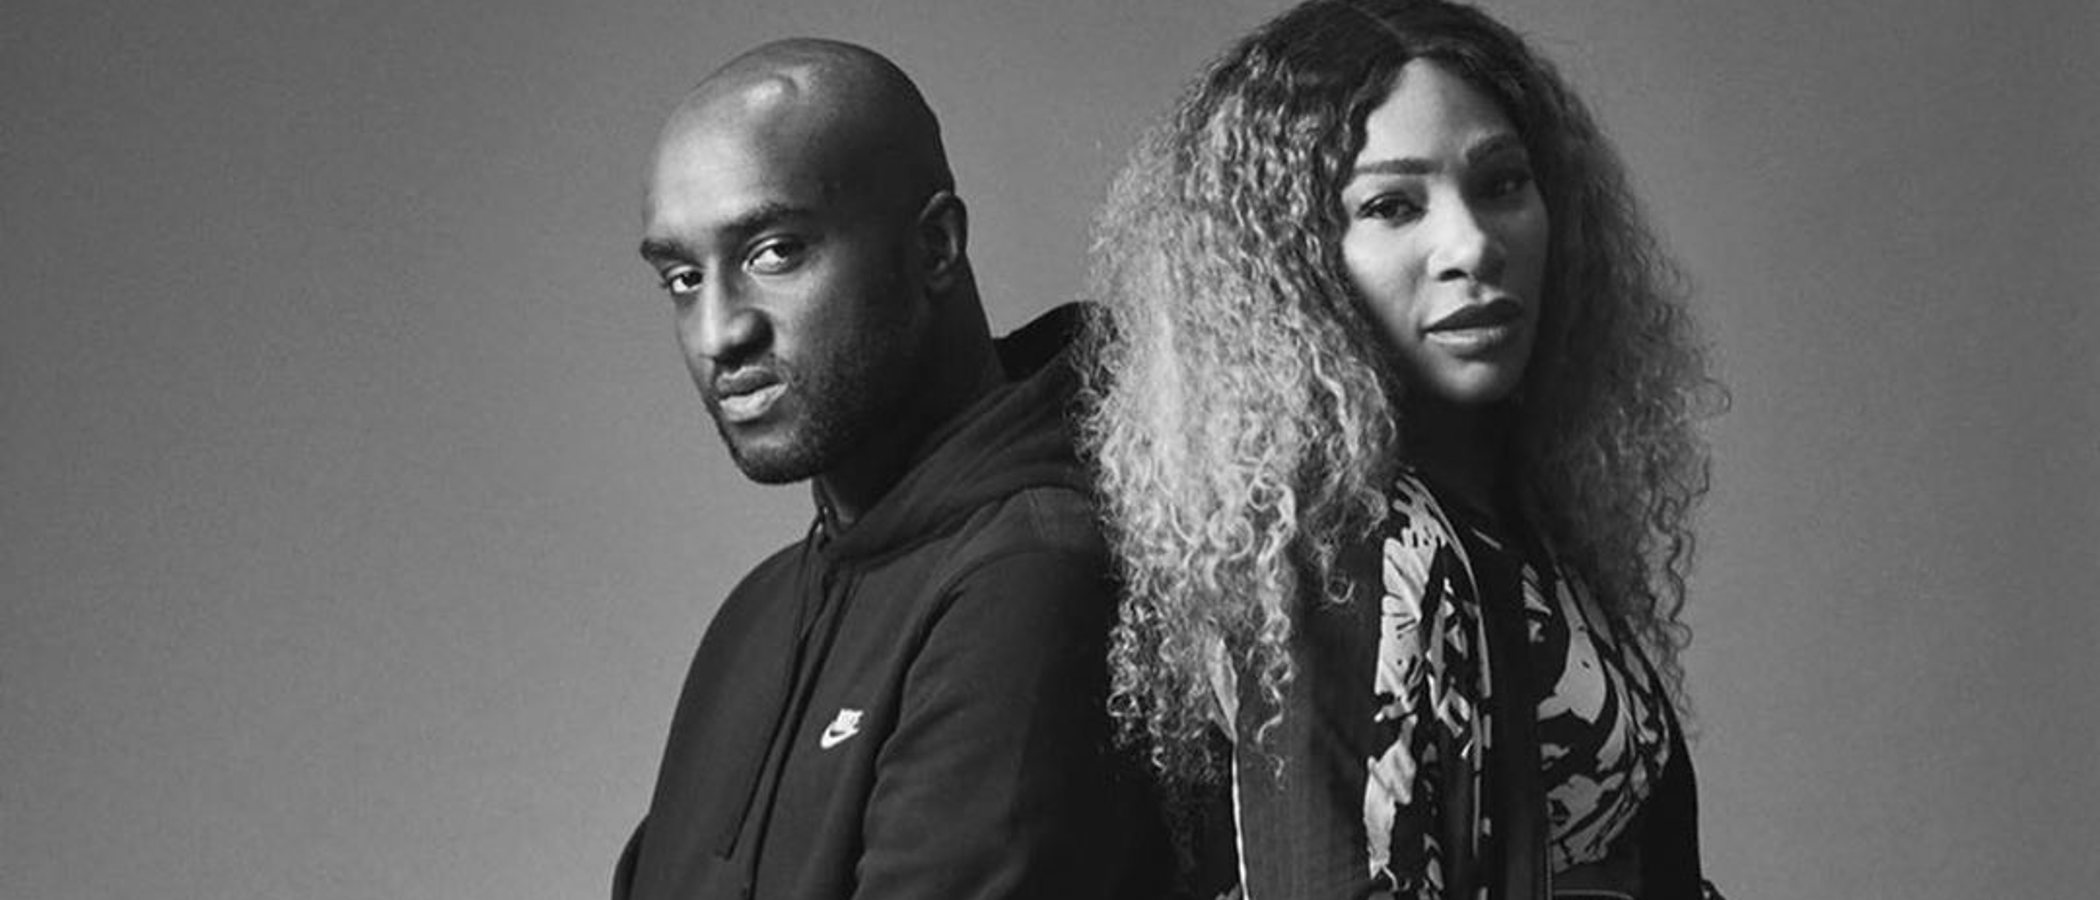 Éxito asegurado con la nueva triple colaboración con: Off White, Nike y Serena Williams